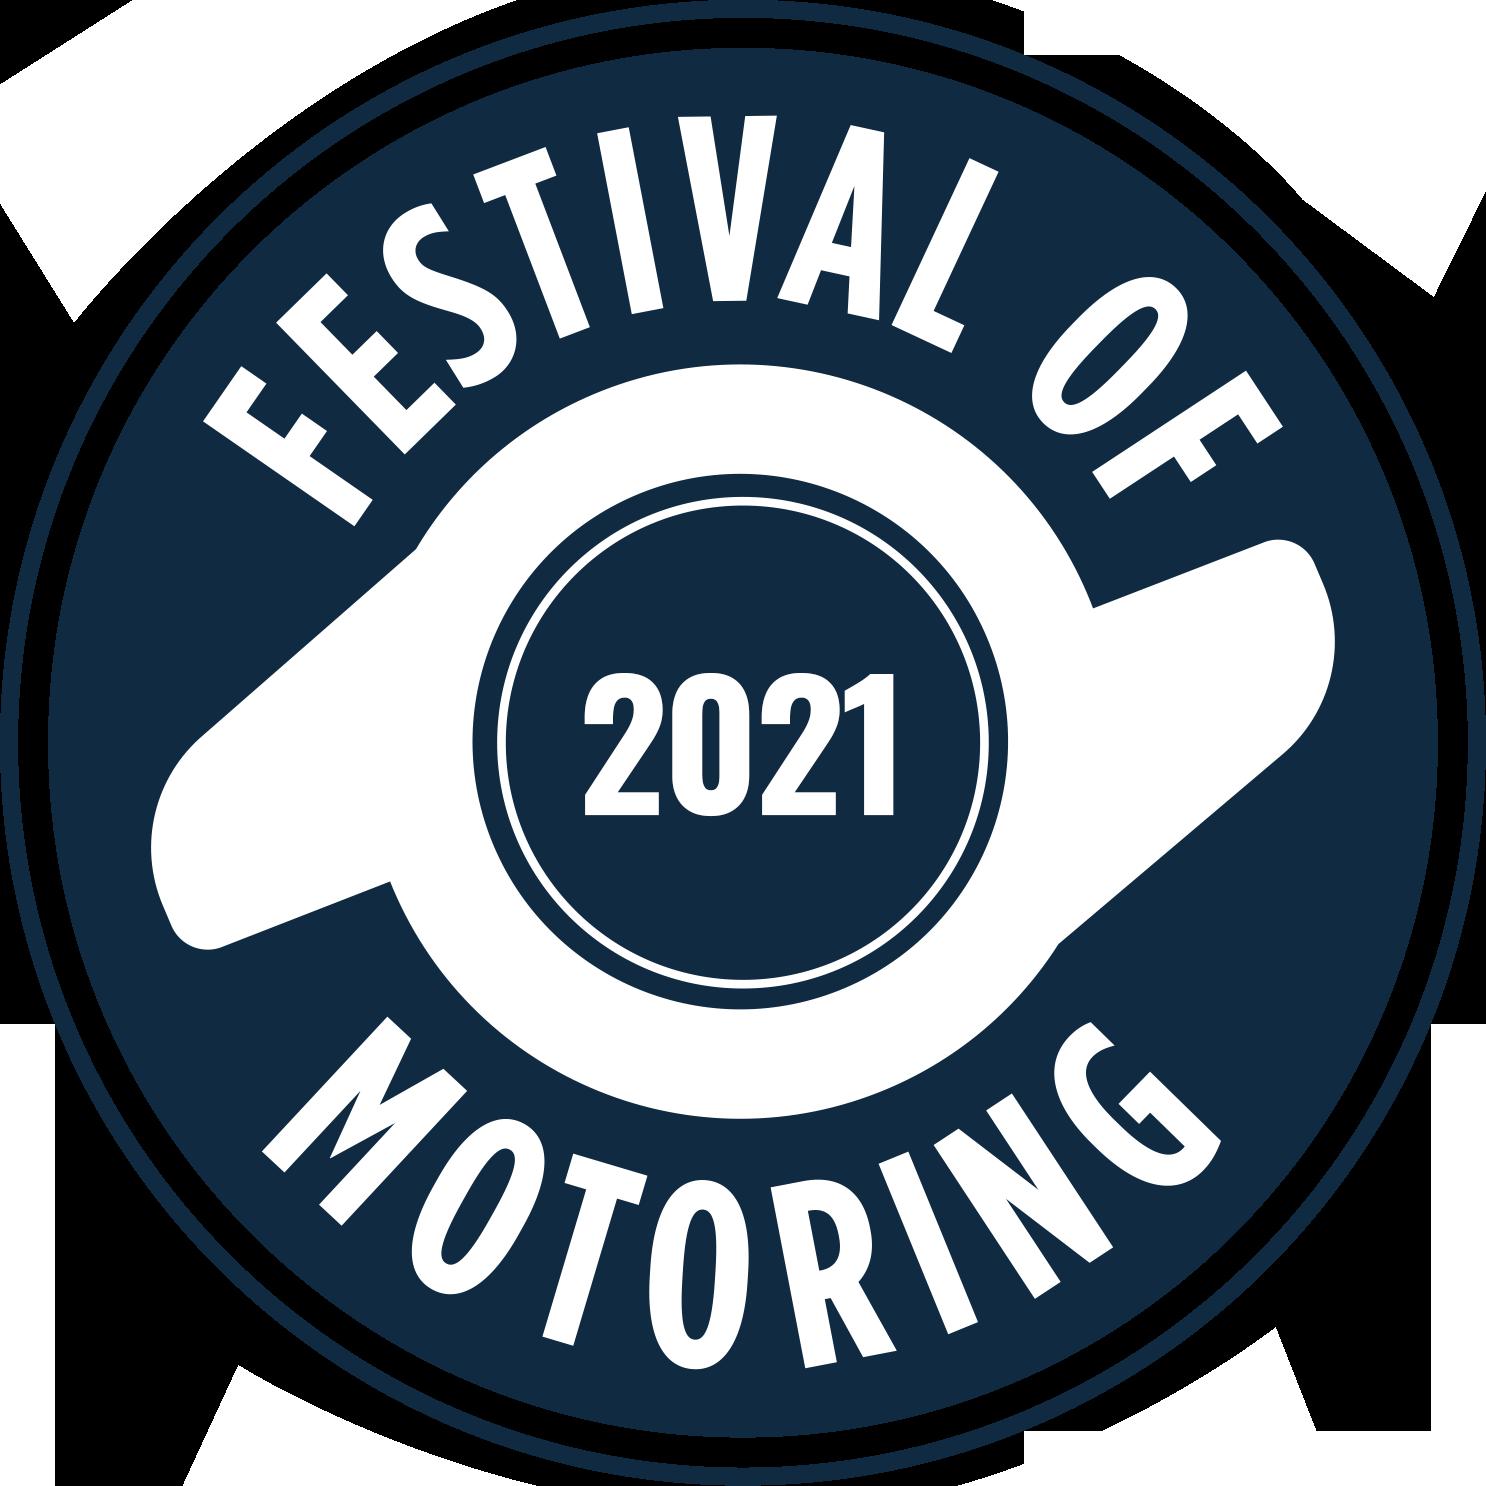 Festival Of Motoring 2021